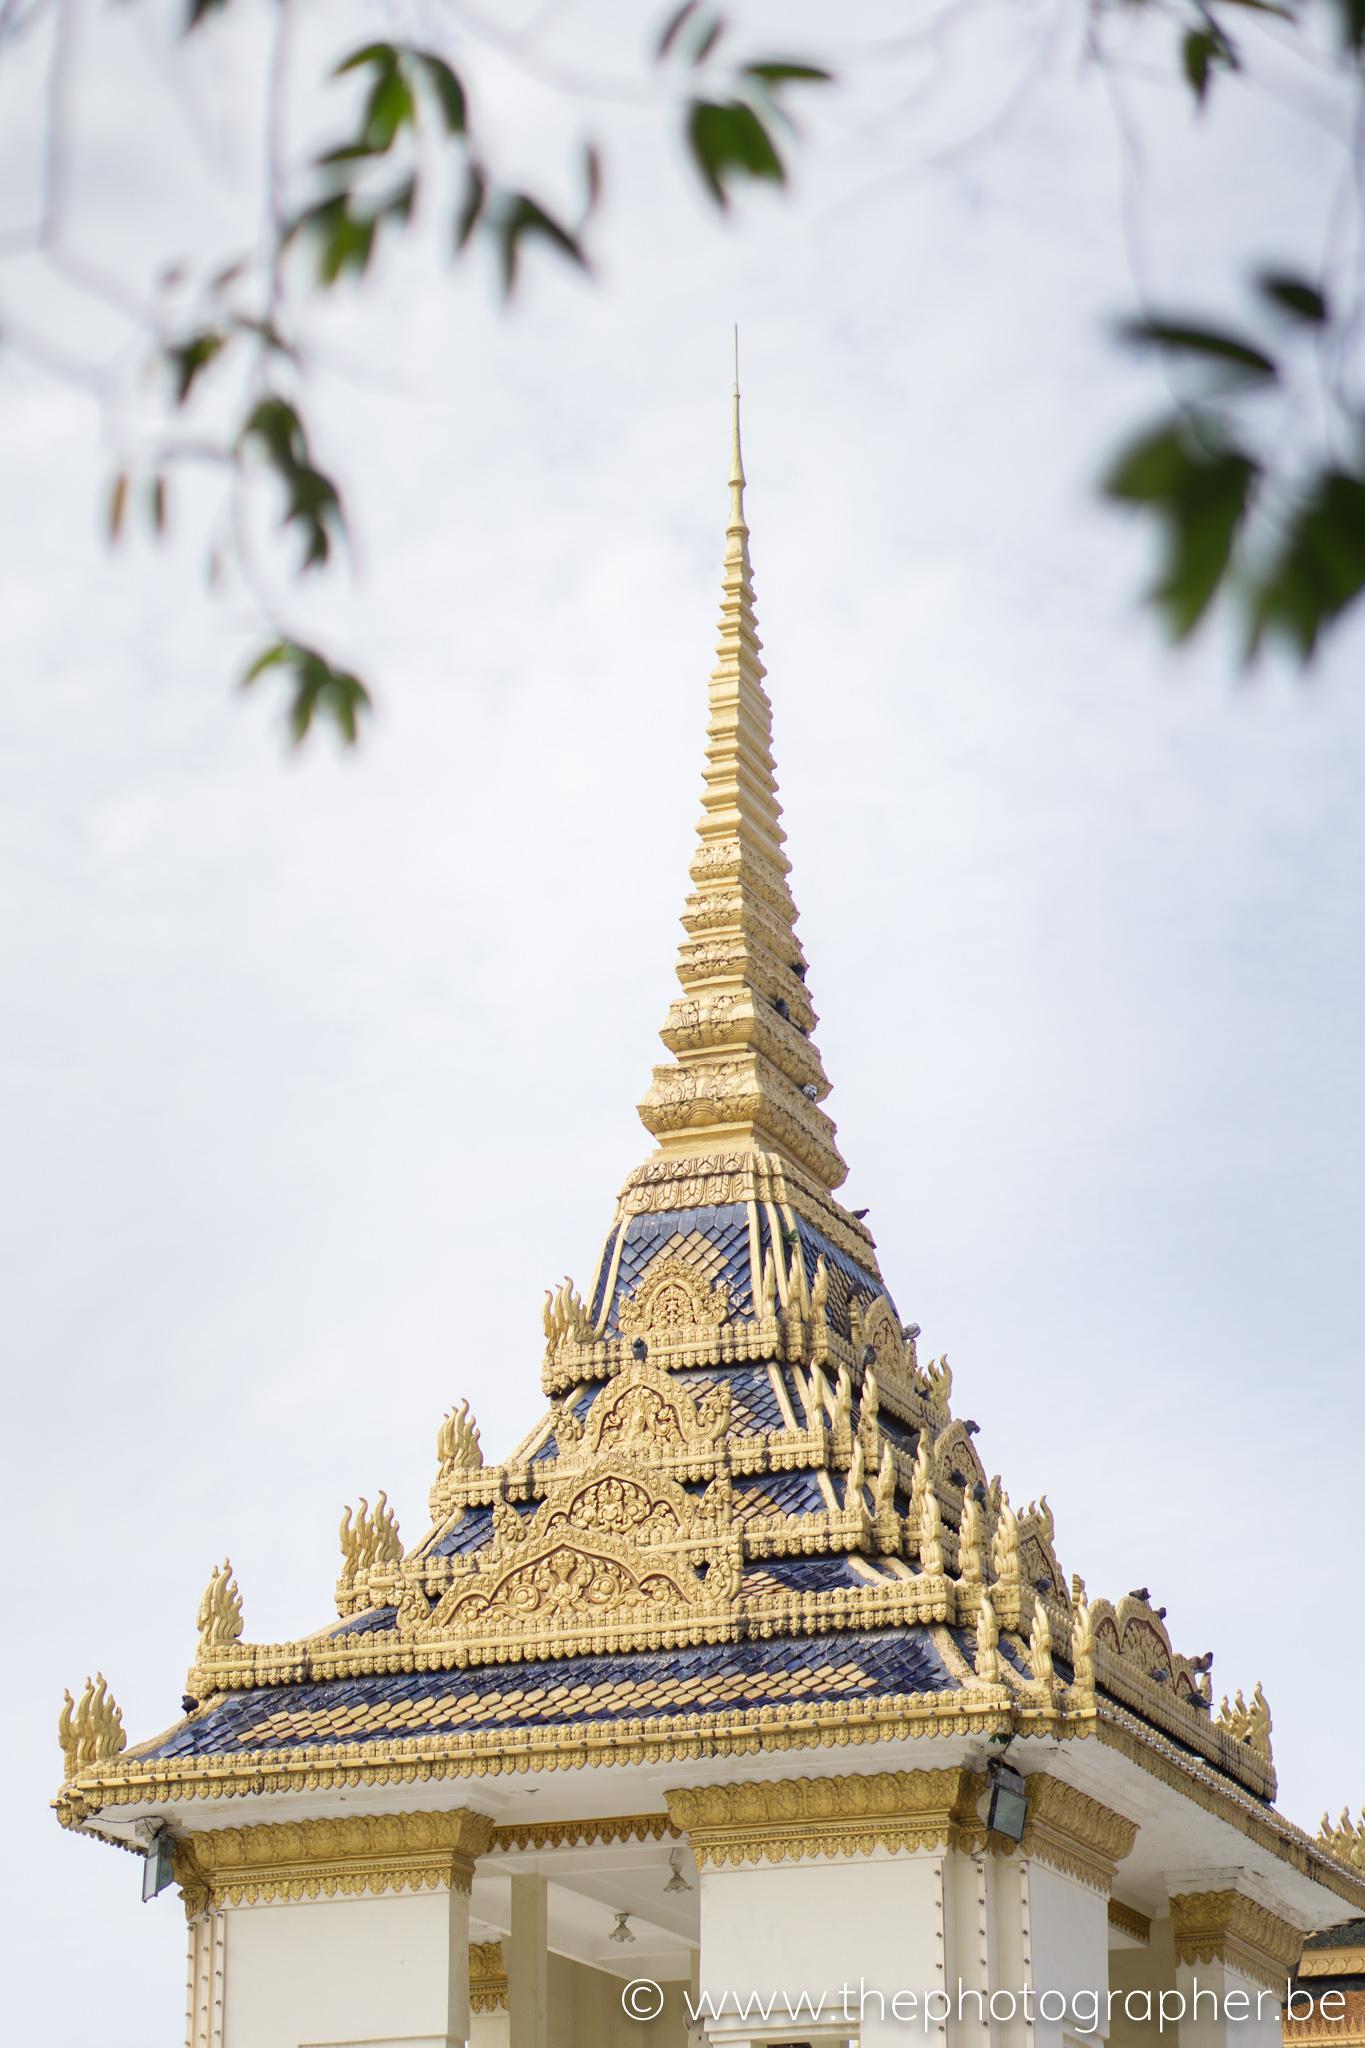 De toren van een tempel in Cambodja